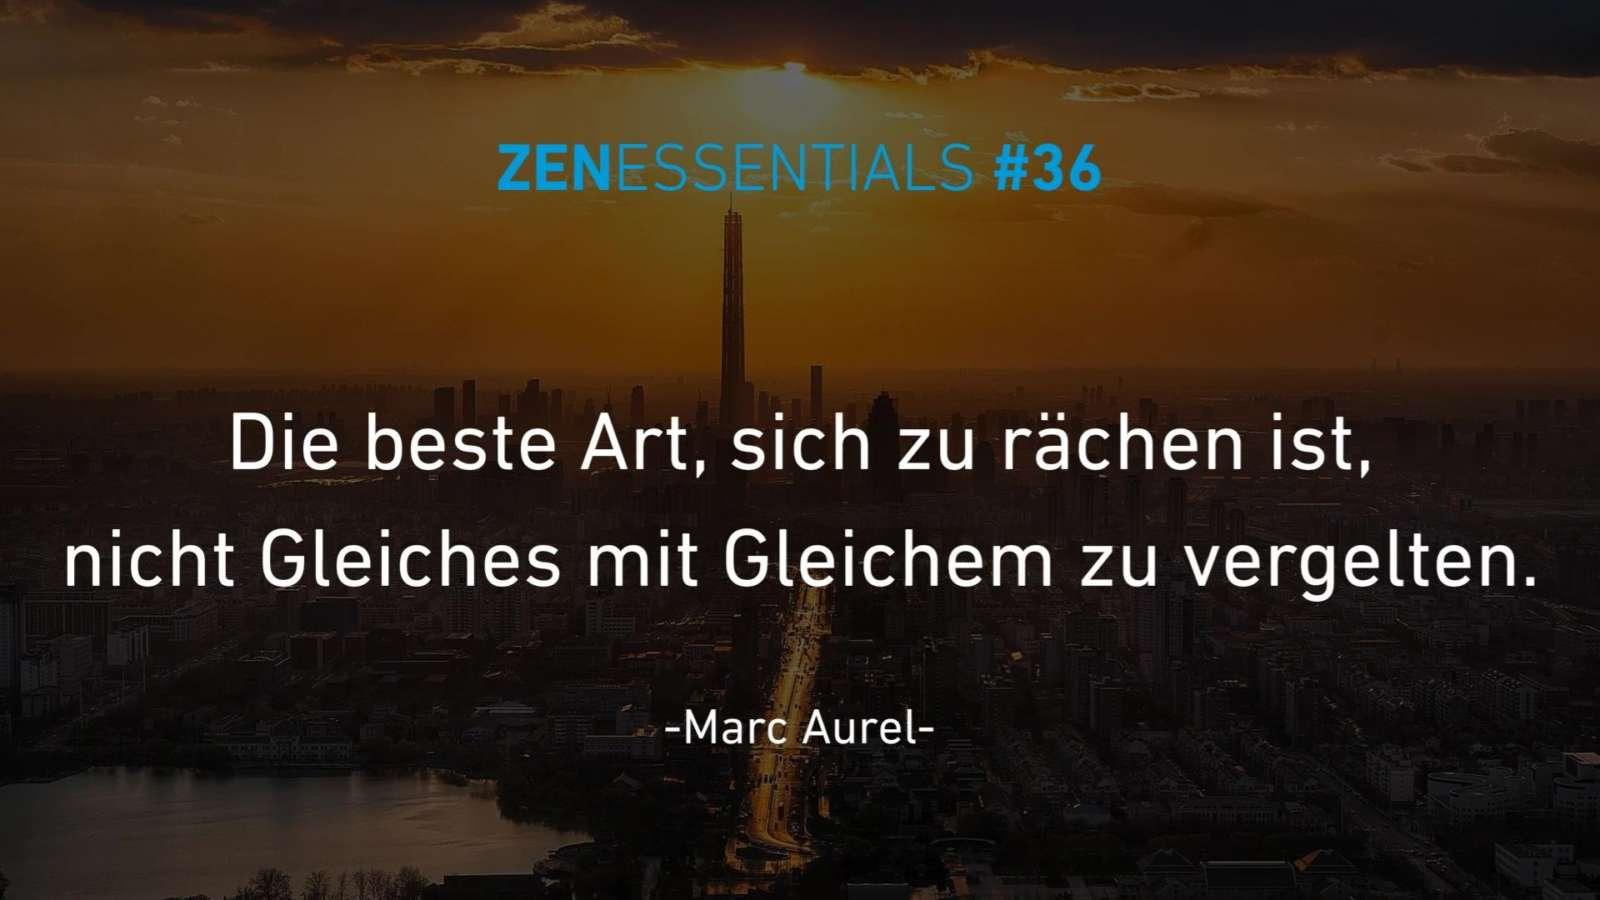 Frische Marc Aurel Zitate Gedanken Bilder Zu Sprichwörtern